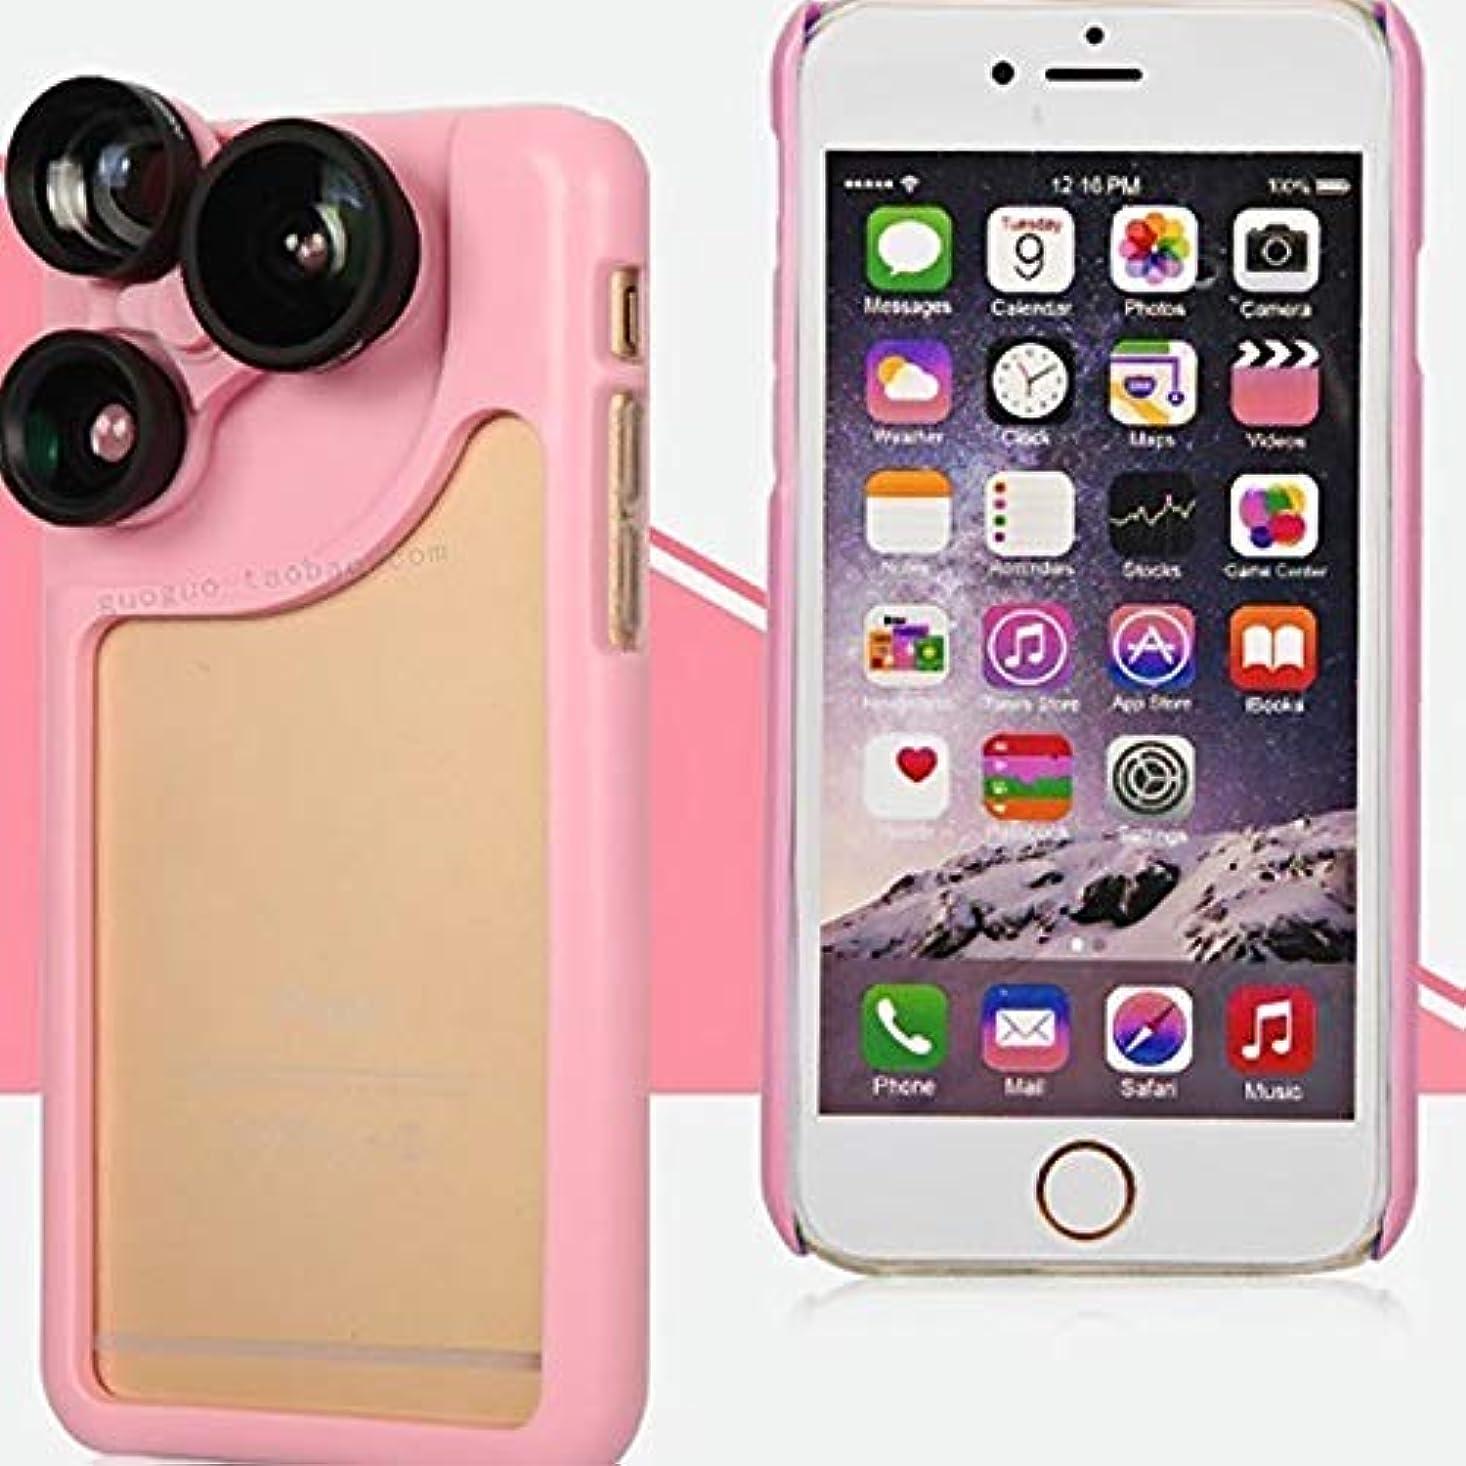 マントルキリマンジャロ深さJicorzo - 4 iphone 6S 6プラスPC +シリコーン写真シェル保護Retaill包装ボックスの1のカメラレンズカバーケースで